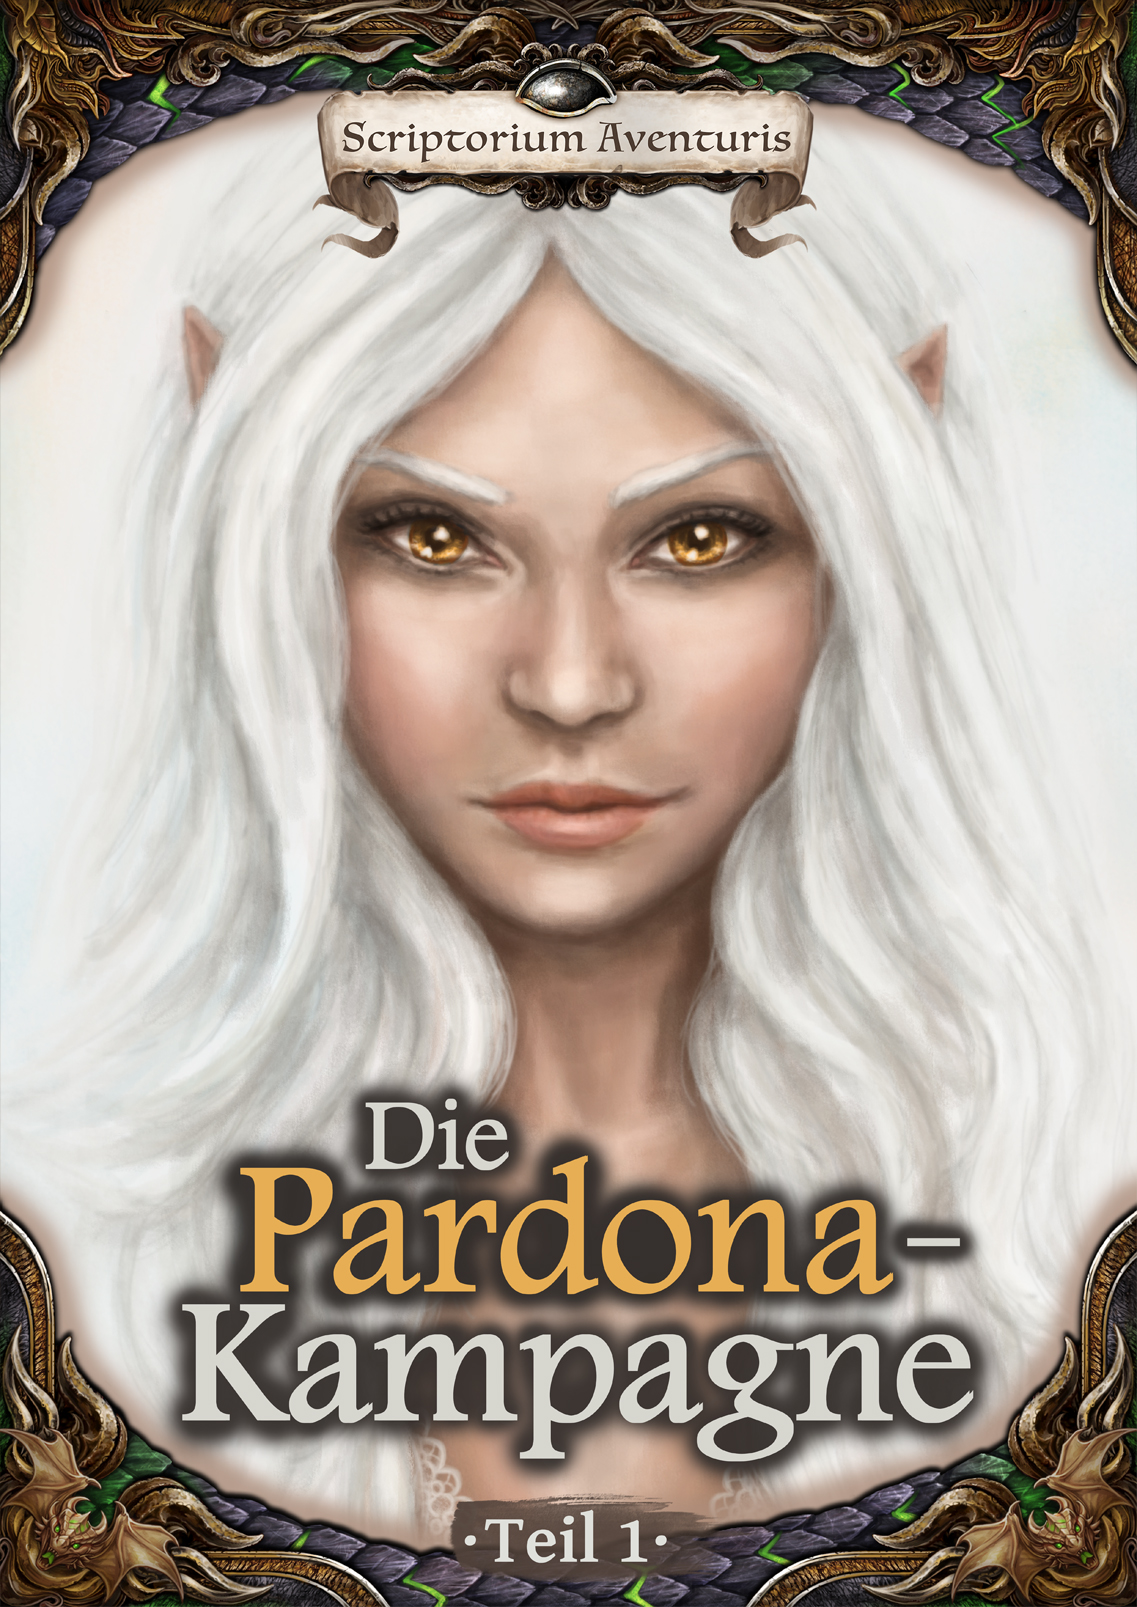 Die Pardona-Kampagne